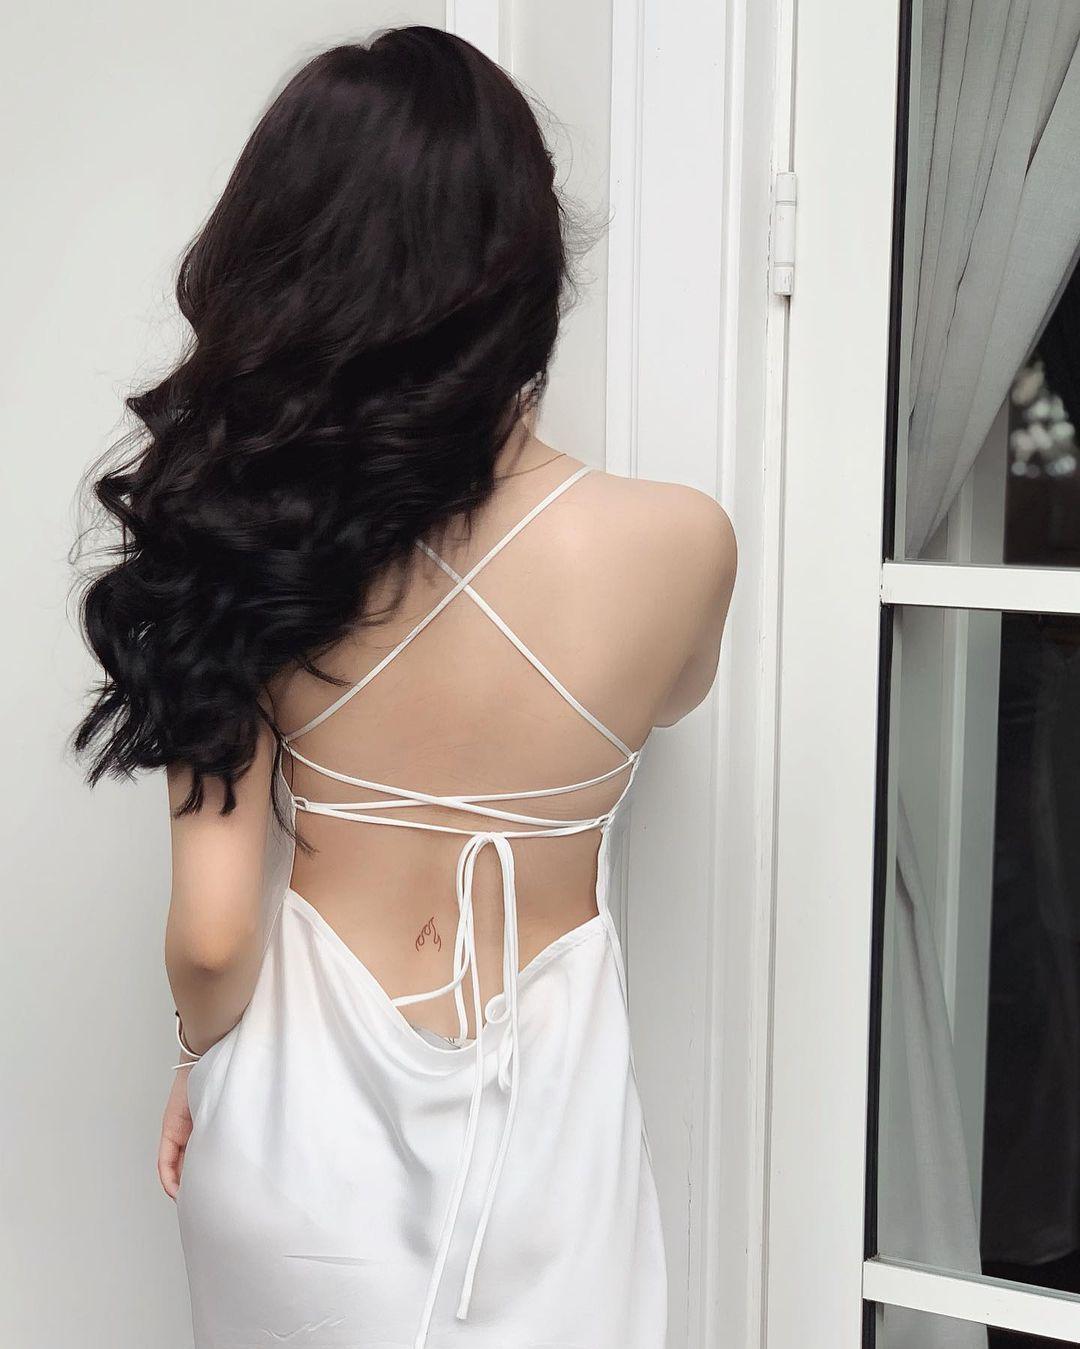 Đặt lại túi ngực, Thúy Vi ngày càng bạo với váy buông lơi nhưng không bị phô - 2